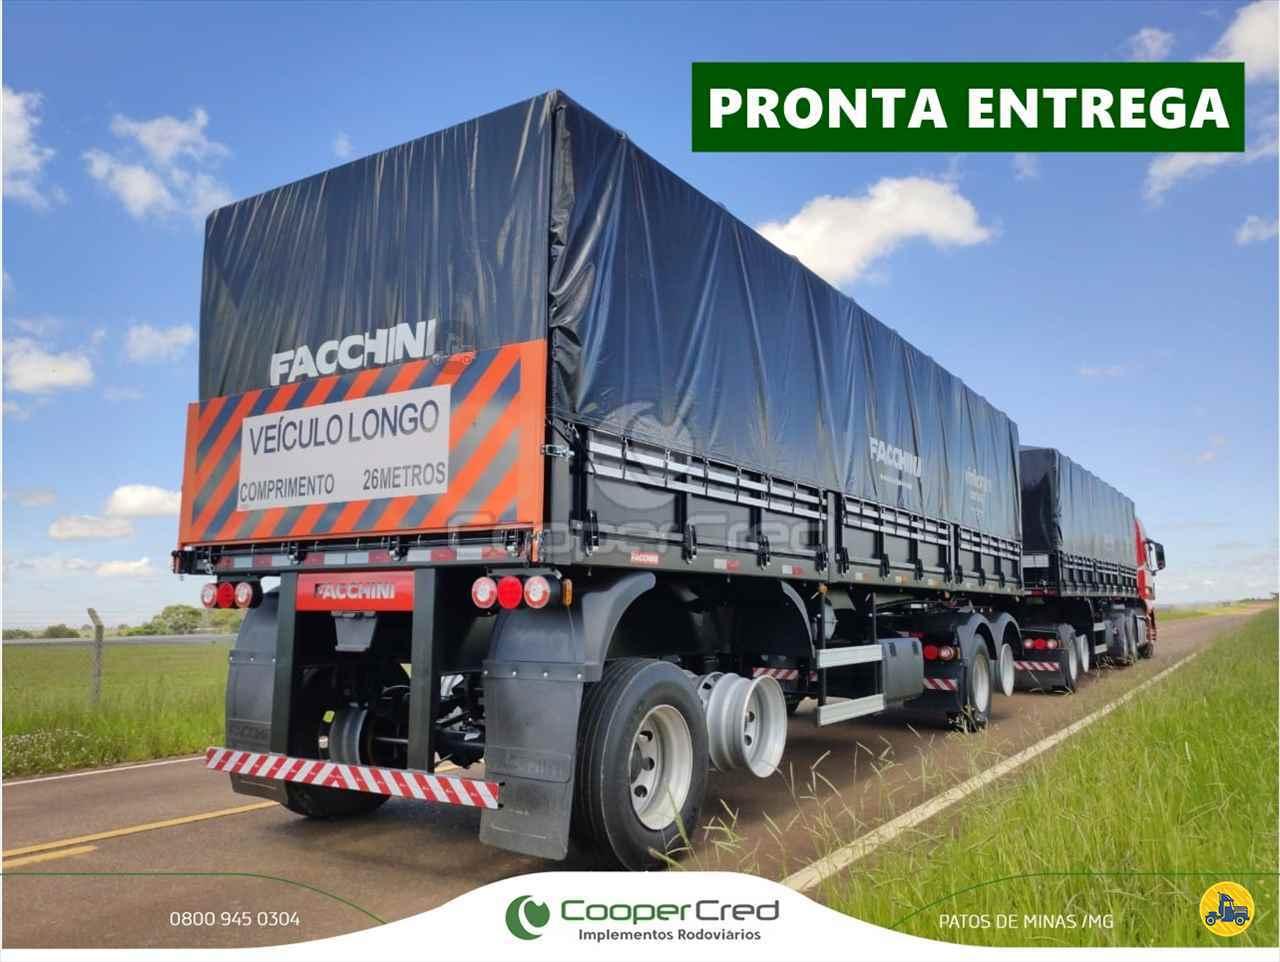 GRANELEIRO de Cooper Cred Implementos Rodoviários MG - PATOS DE MINAS/MG